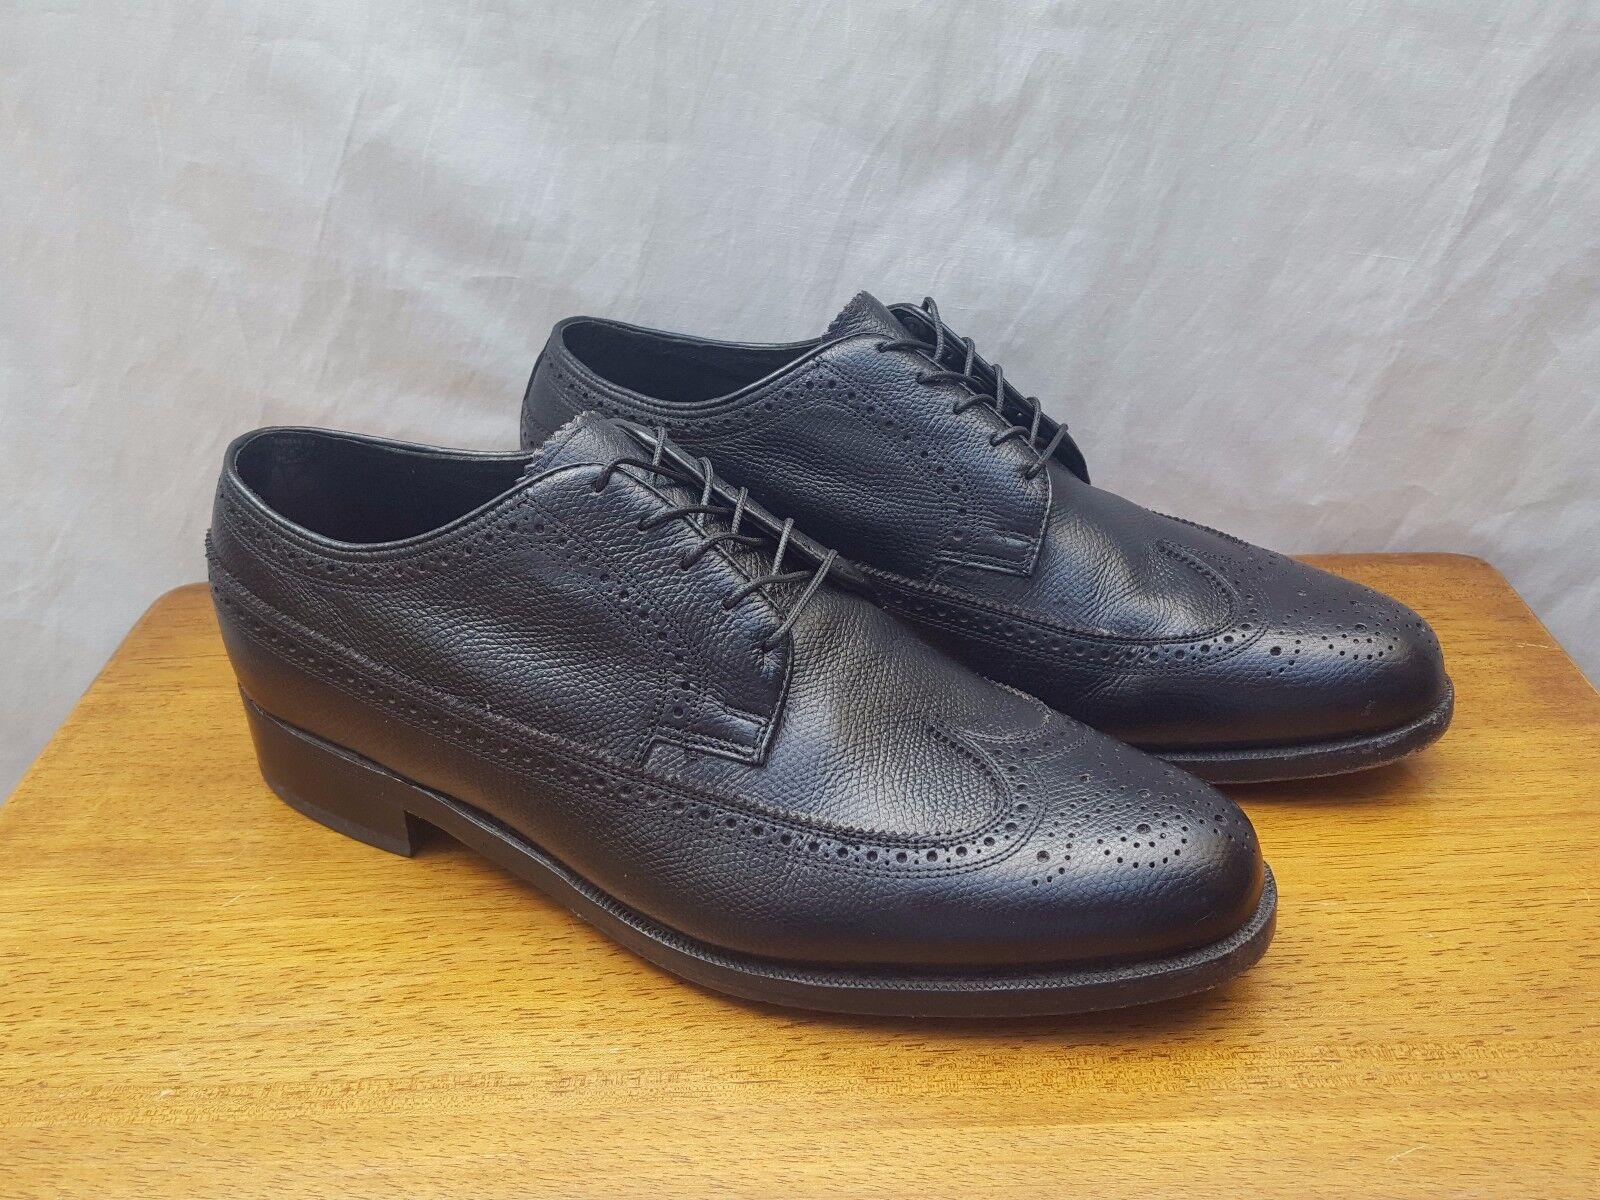 Men's Florsheim 75824 Black Brogue Wingtip Oxford new shoes shoes - Size 9 3E